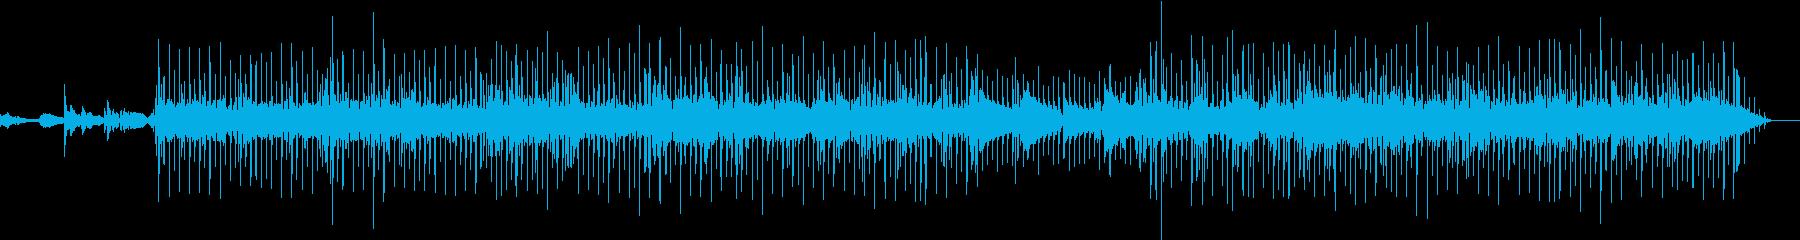 ワクワク感のあるギターポップスの再生済みの波形